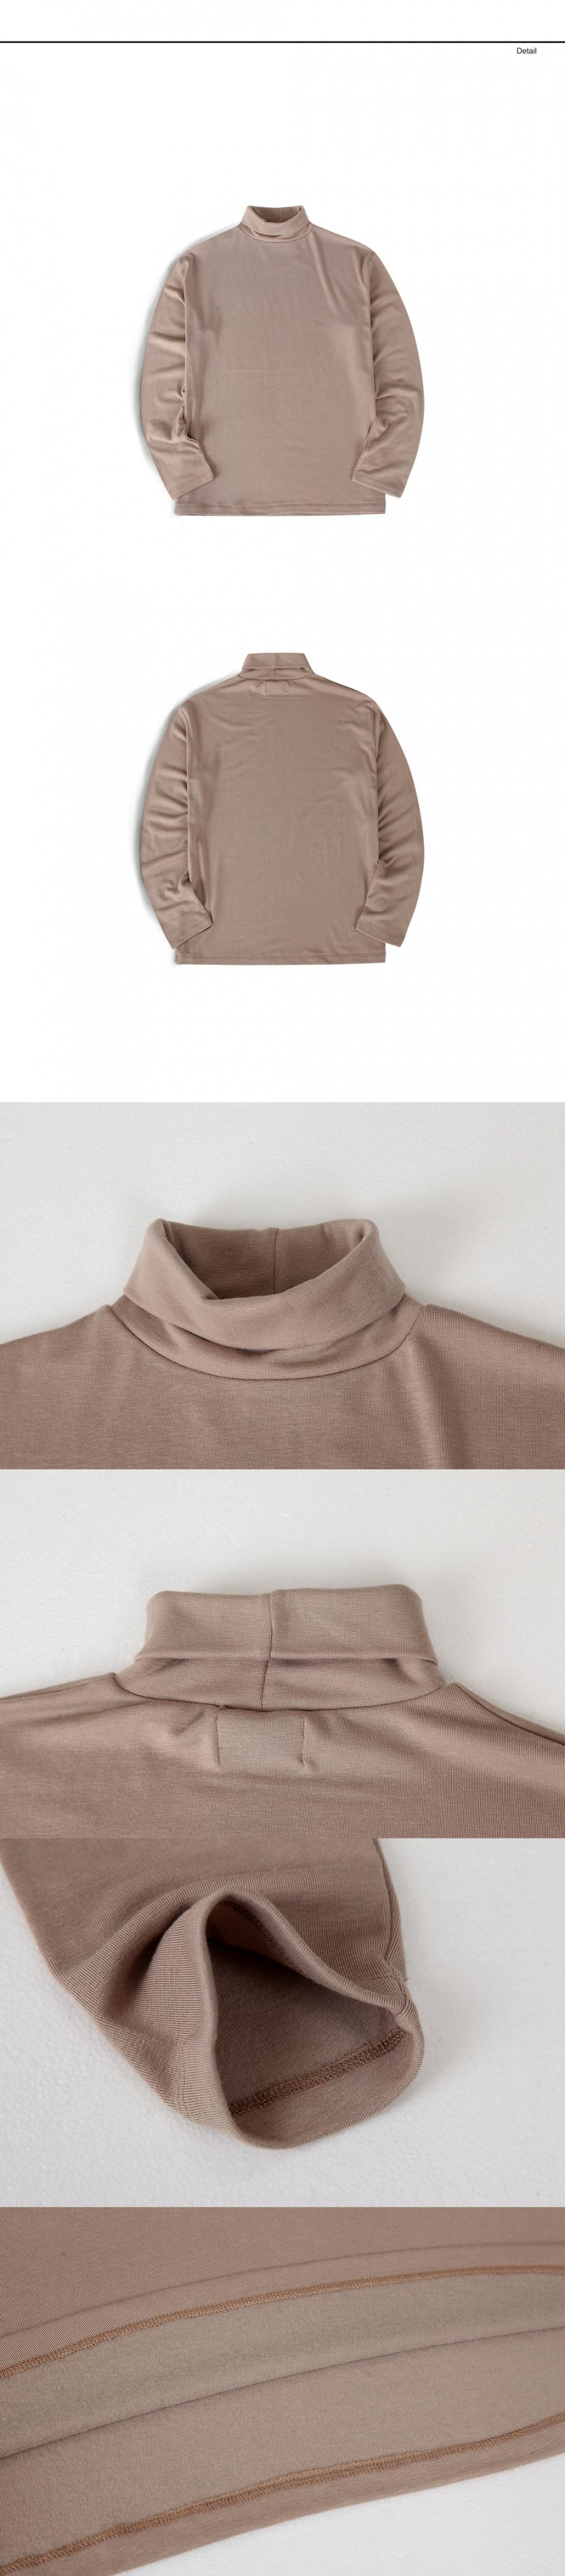 랩12(LAB12) 19S/S 터틀넥 티셔츠 (베이지)